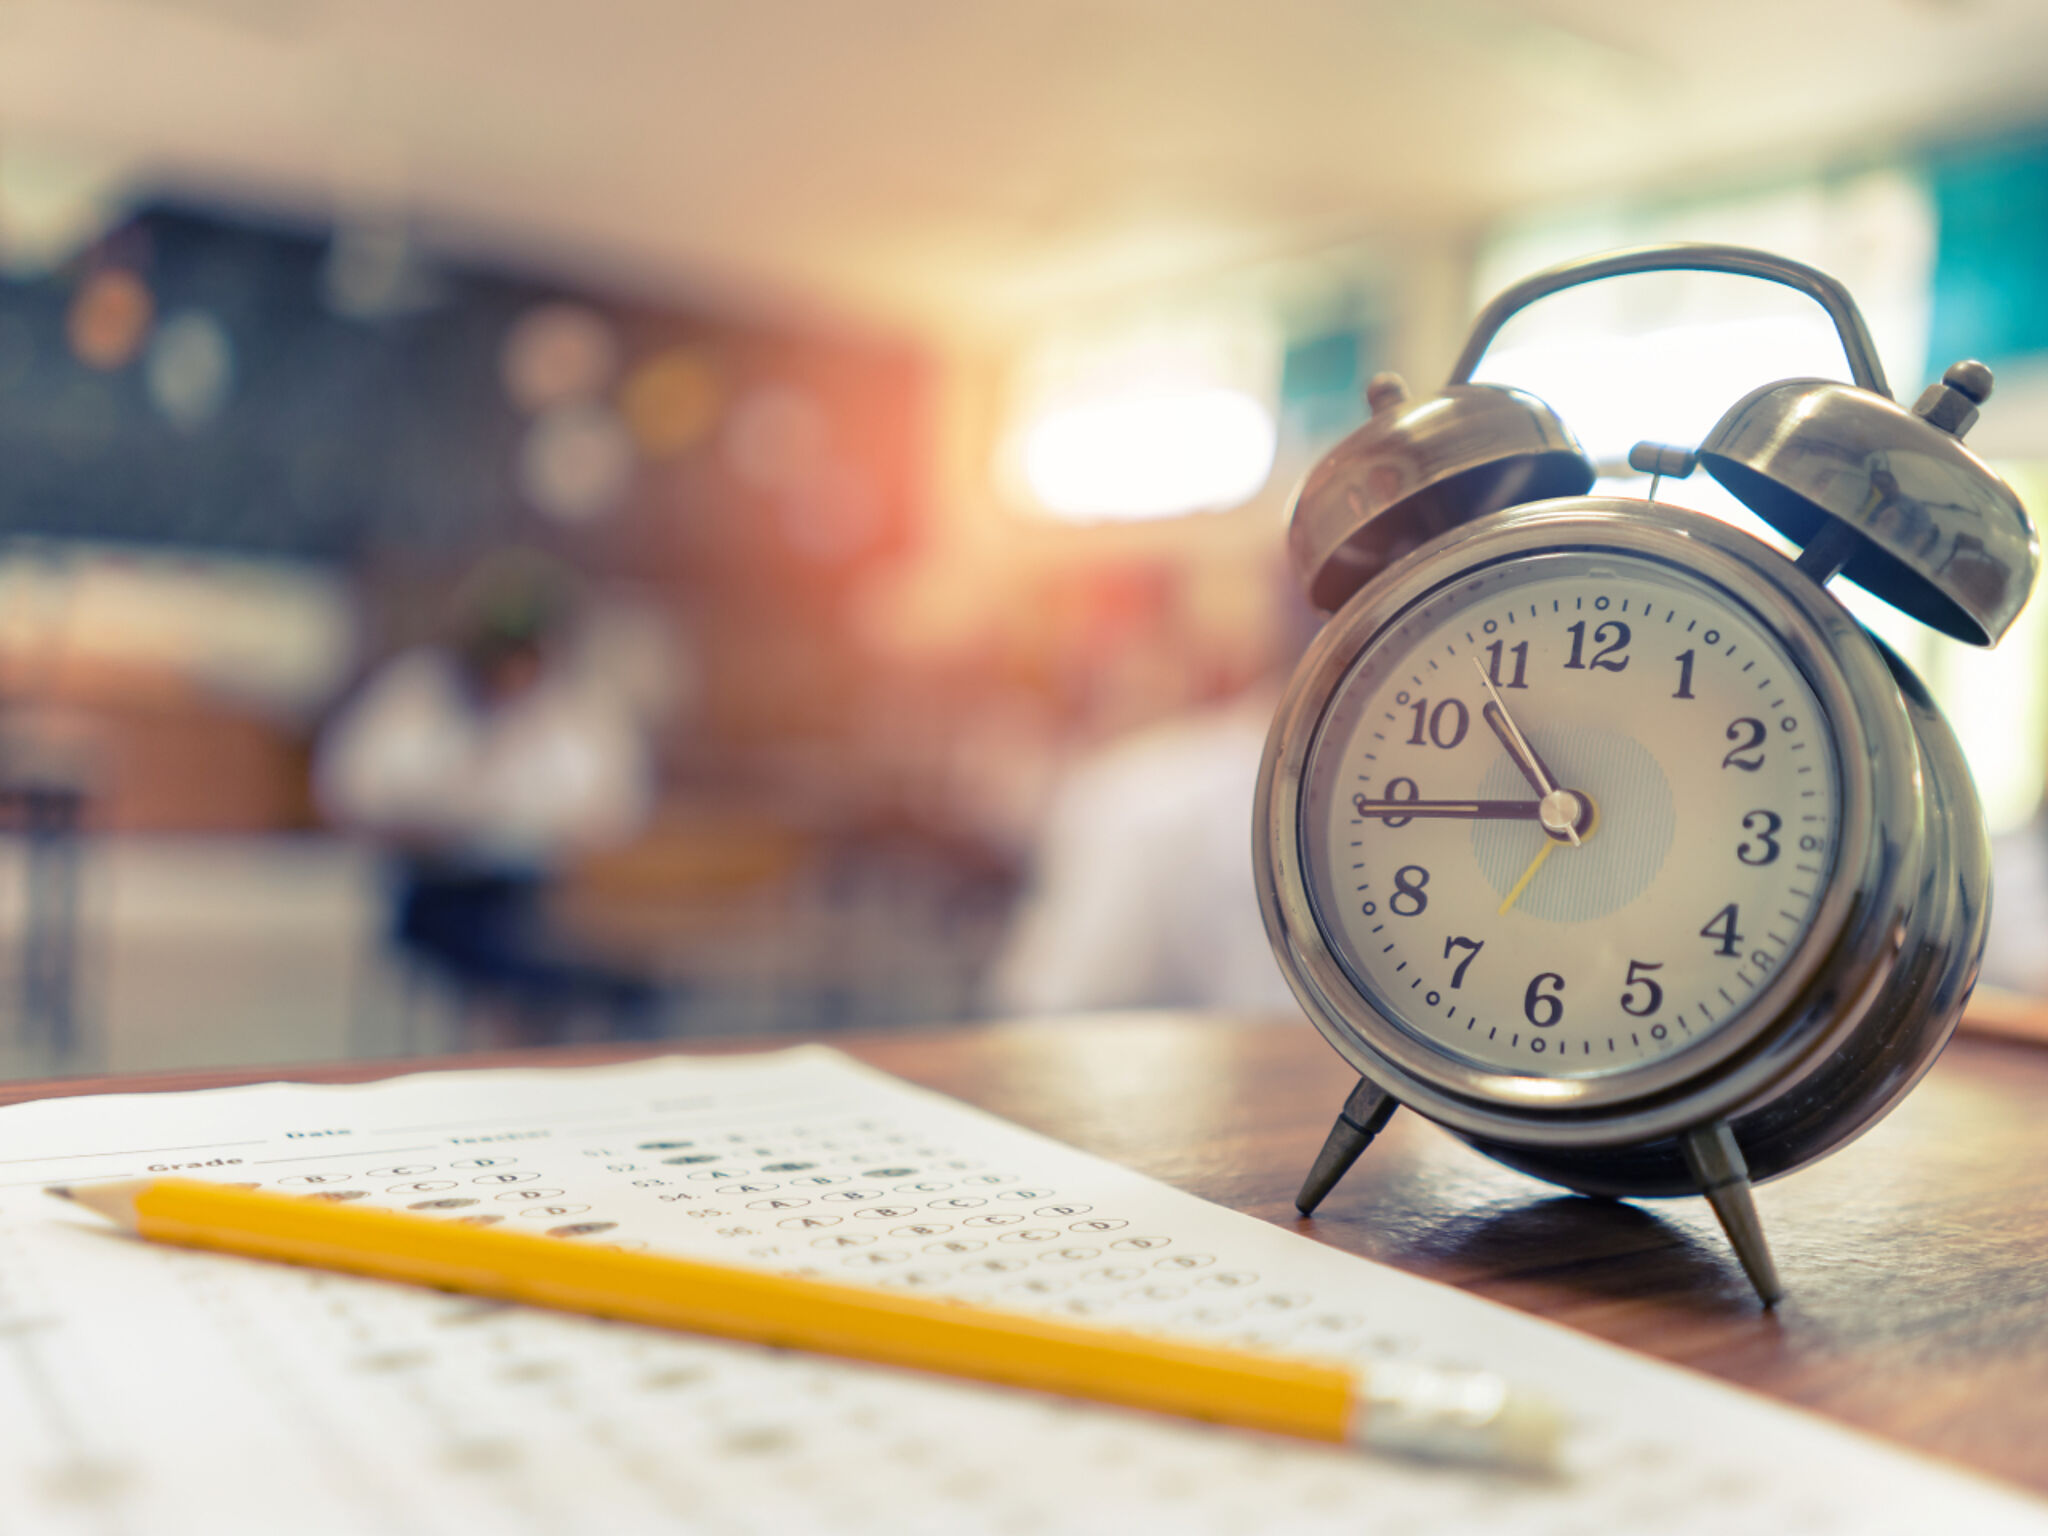 ノートと鉛筆と時計の画像